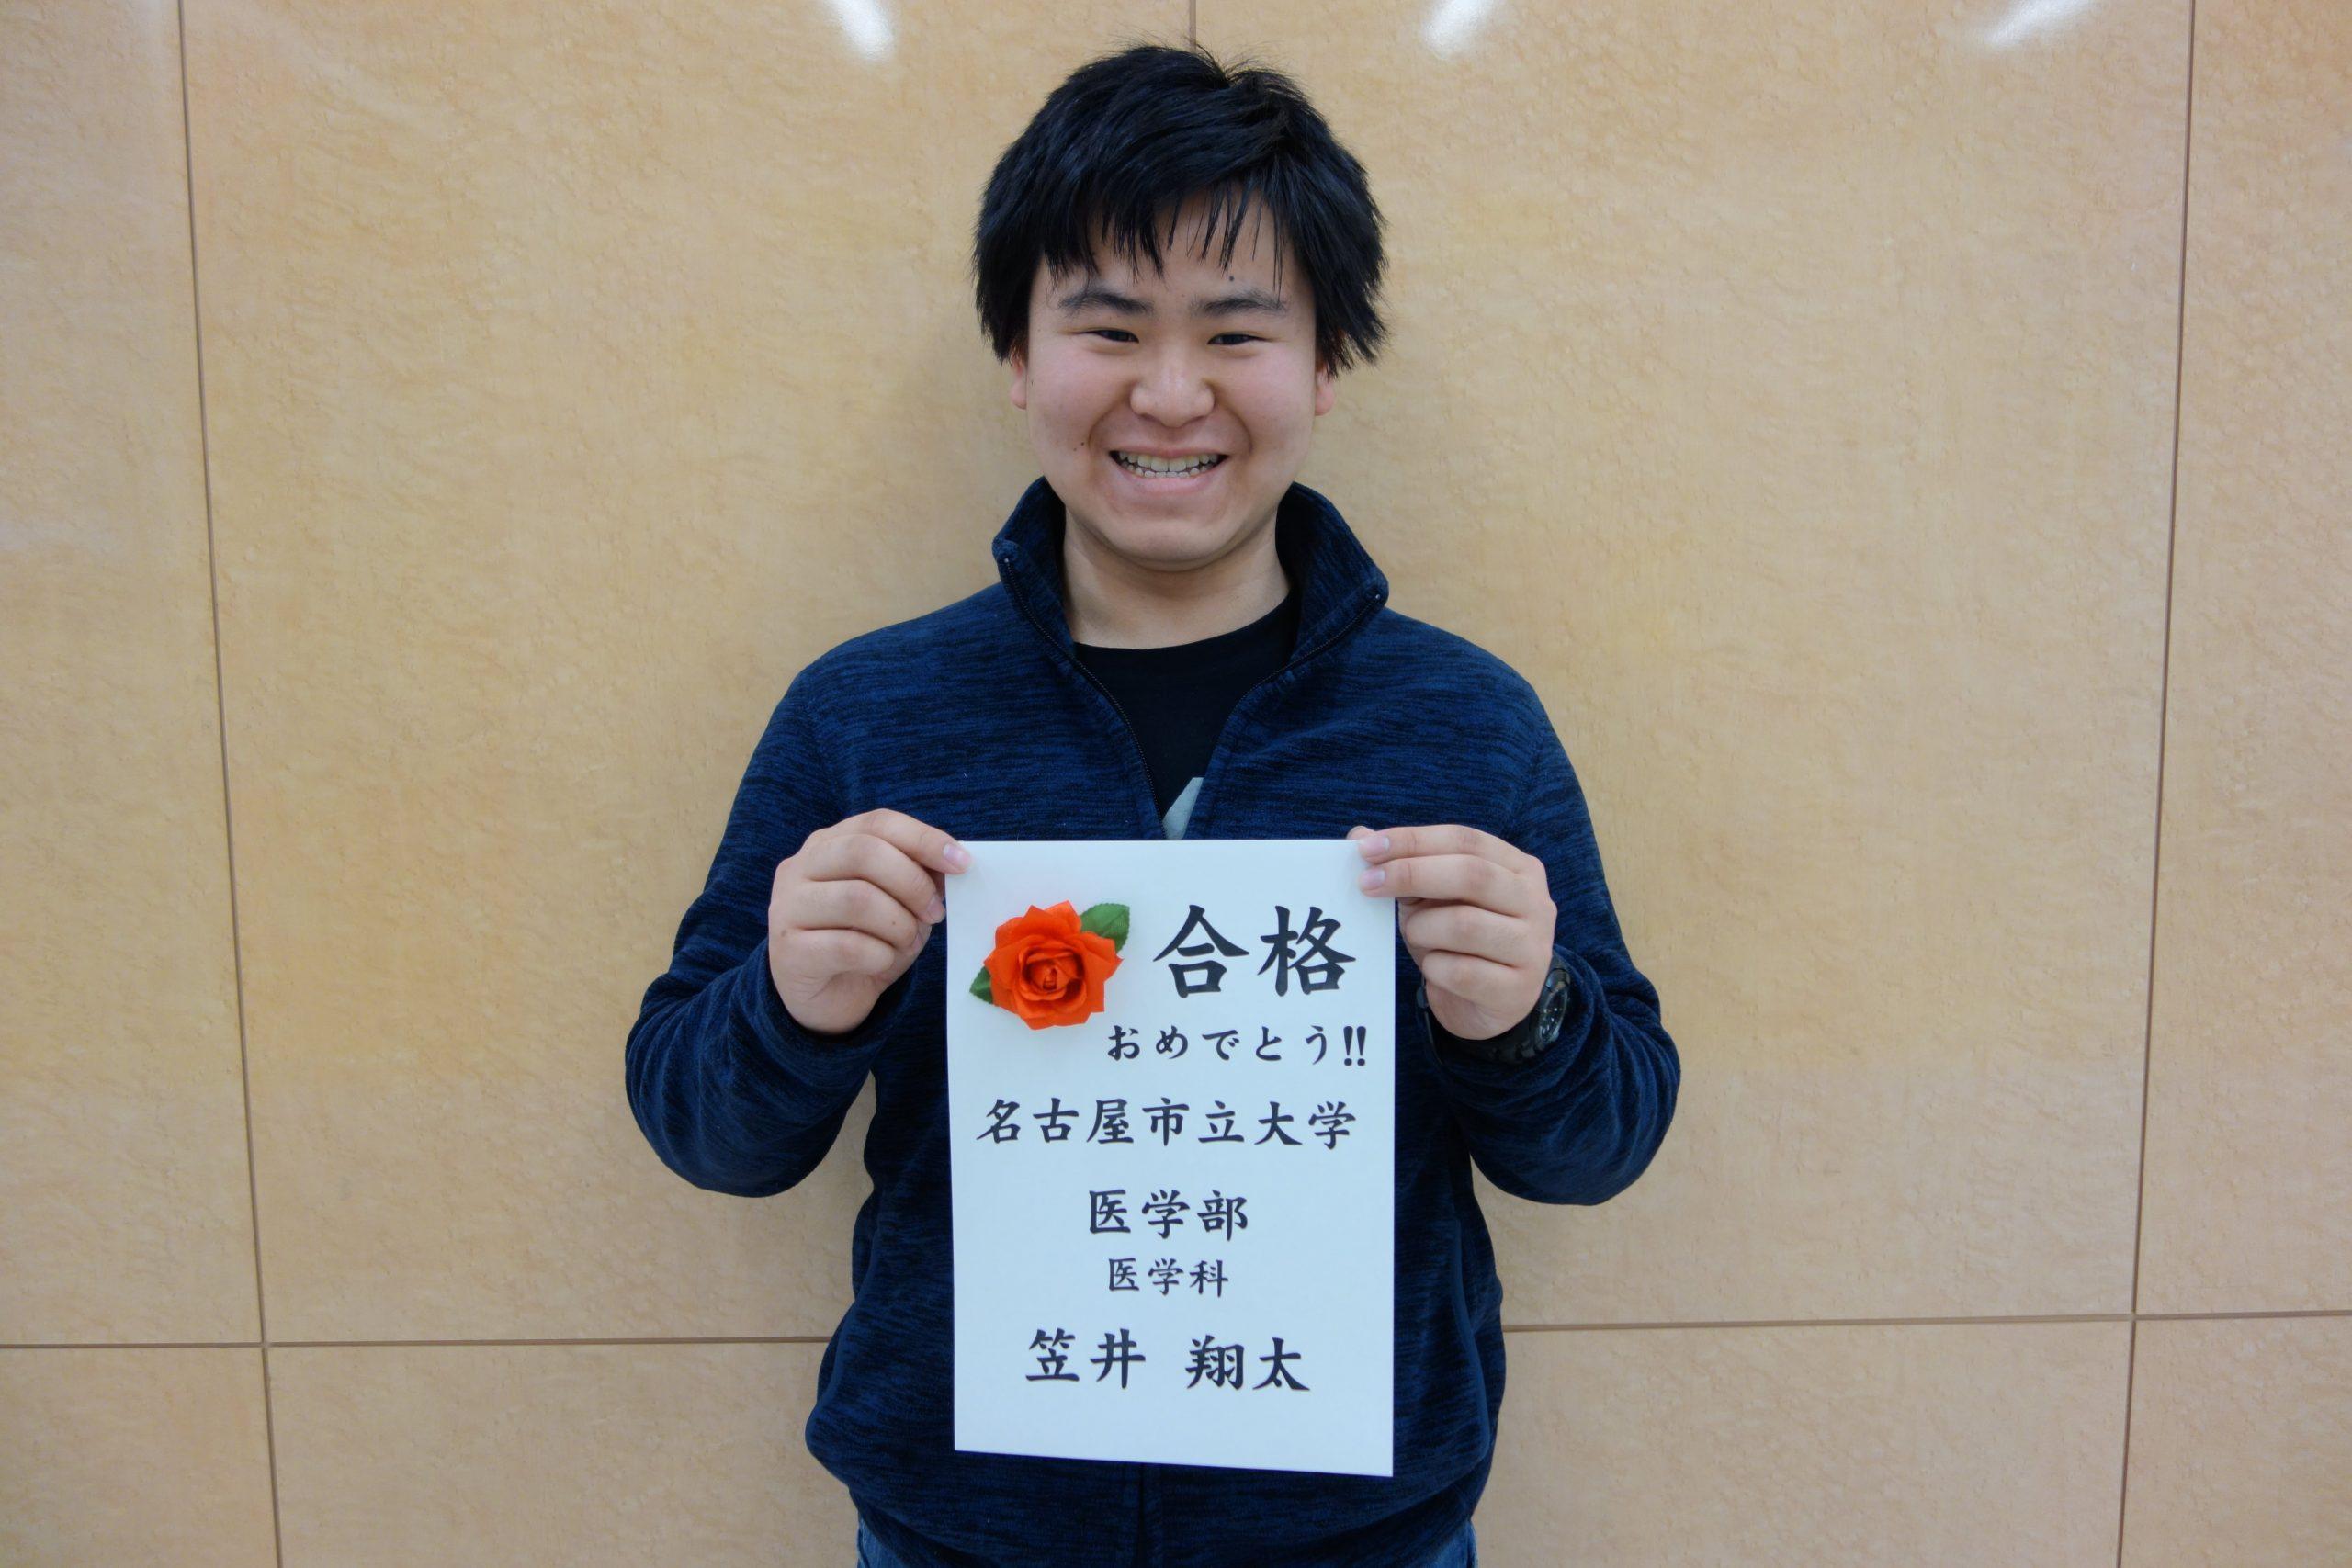 名古屋市立大学医学部合格者